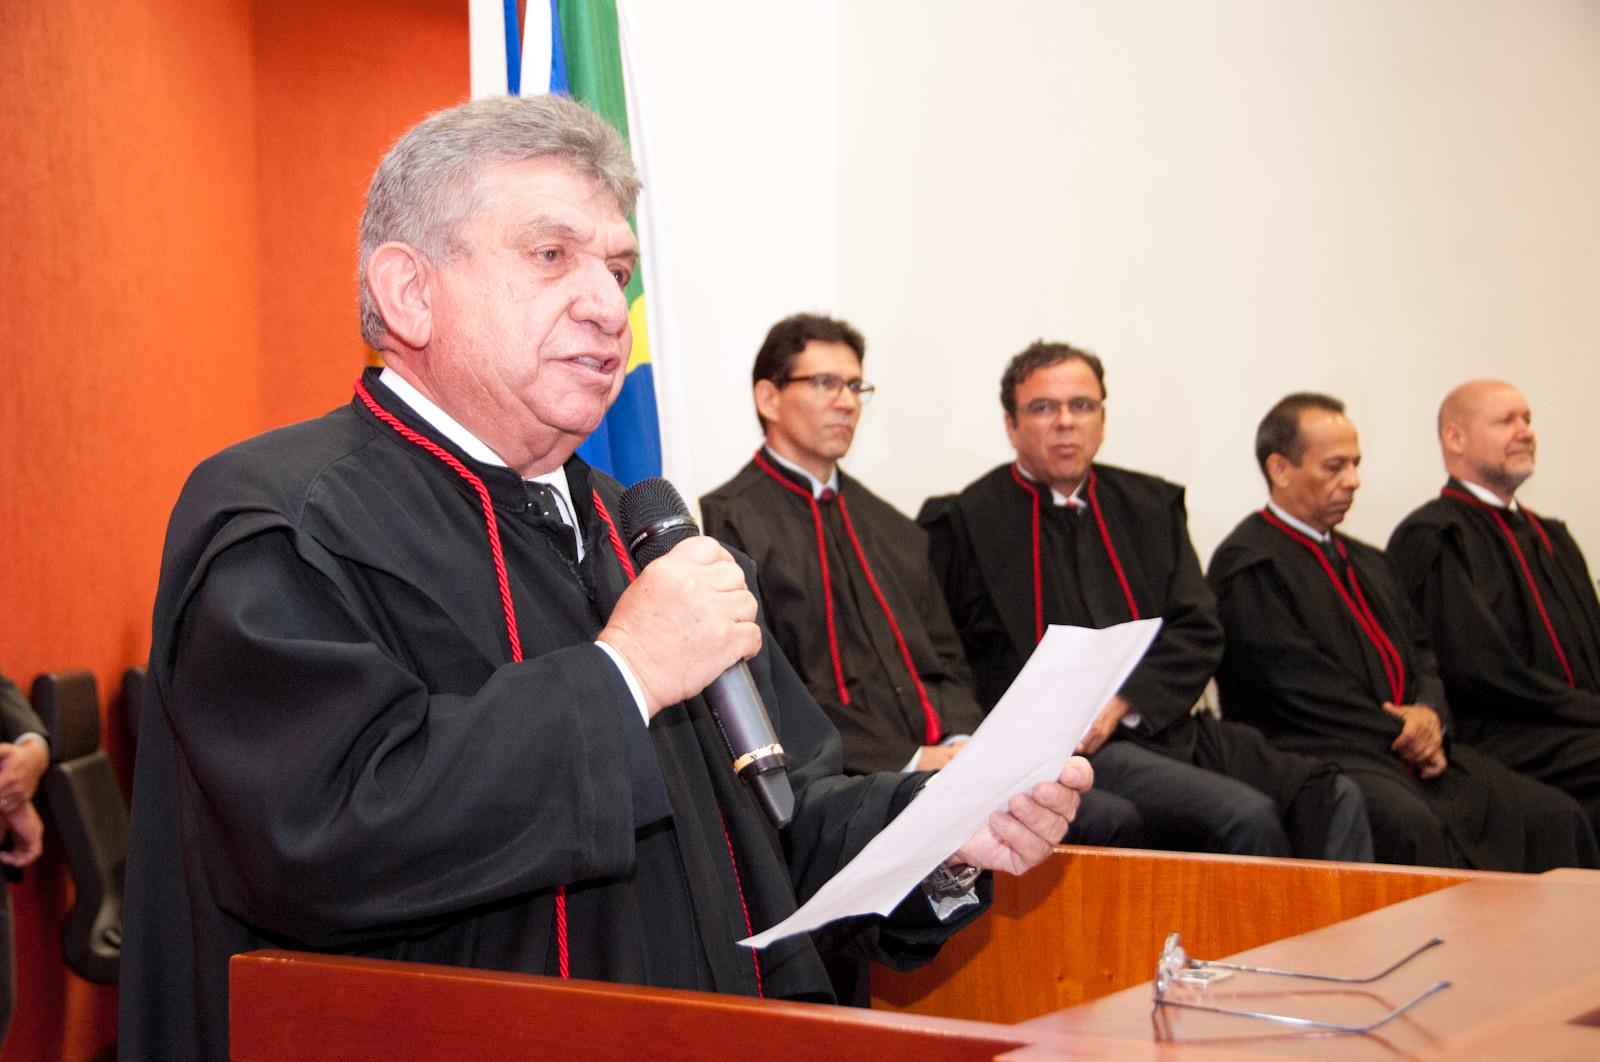 Resultado de imagem para procurador-geral de Justiça Clenan Renaut de Melo Pereira